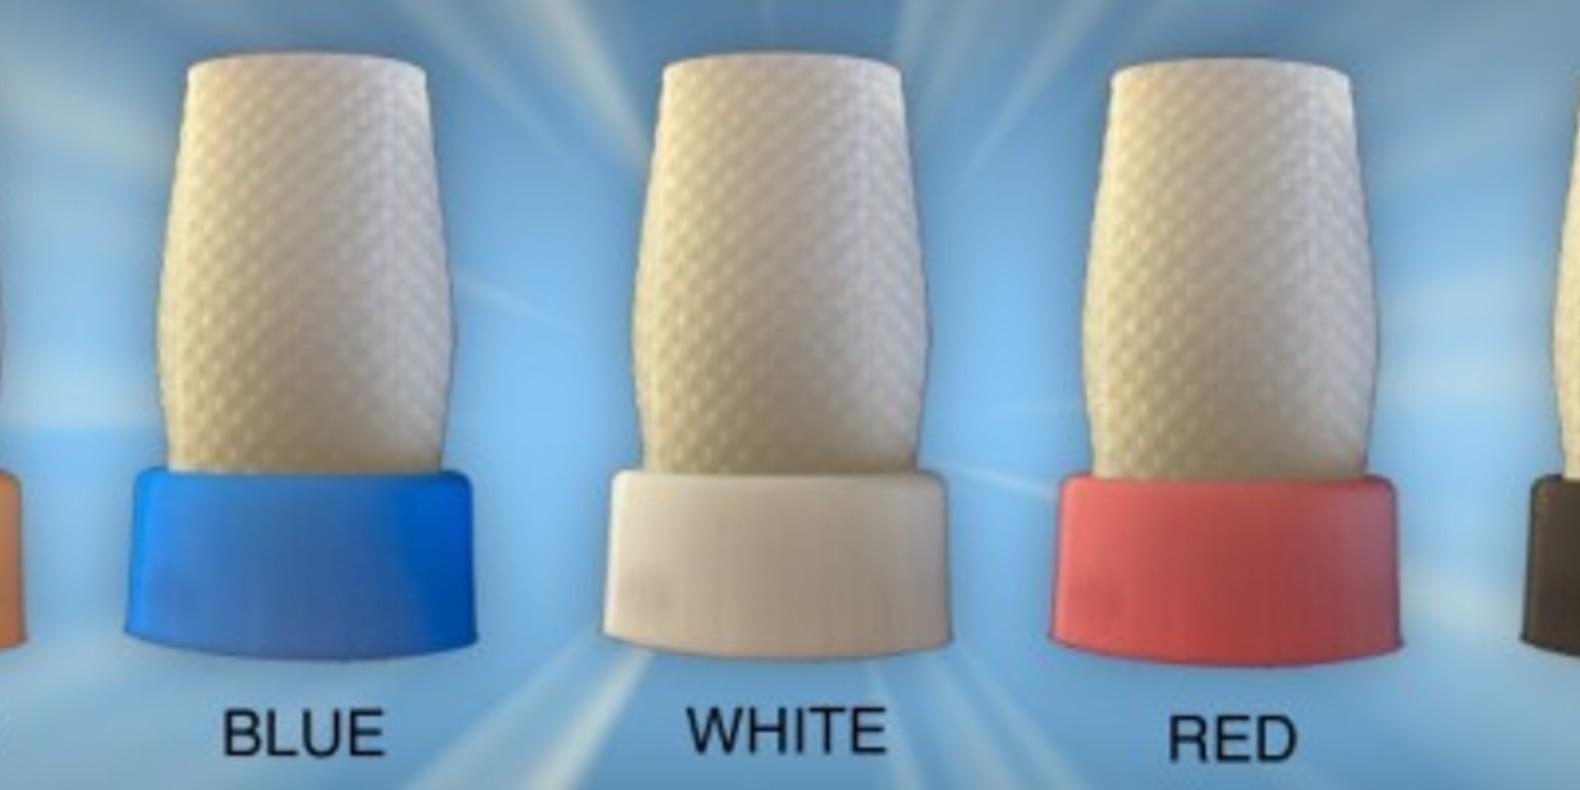 http://fichier3d.fr/wp-content/uploads/2013/09/iDecoLamp-Cults-3D-chargeur-iPhone-lampe-design-iPod-impression-3D-fichier-3D-imprimante-3D-6.jpg